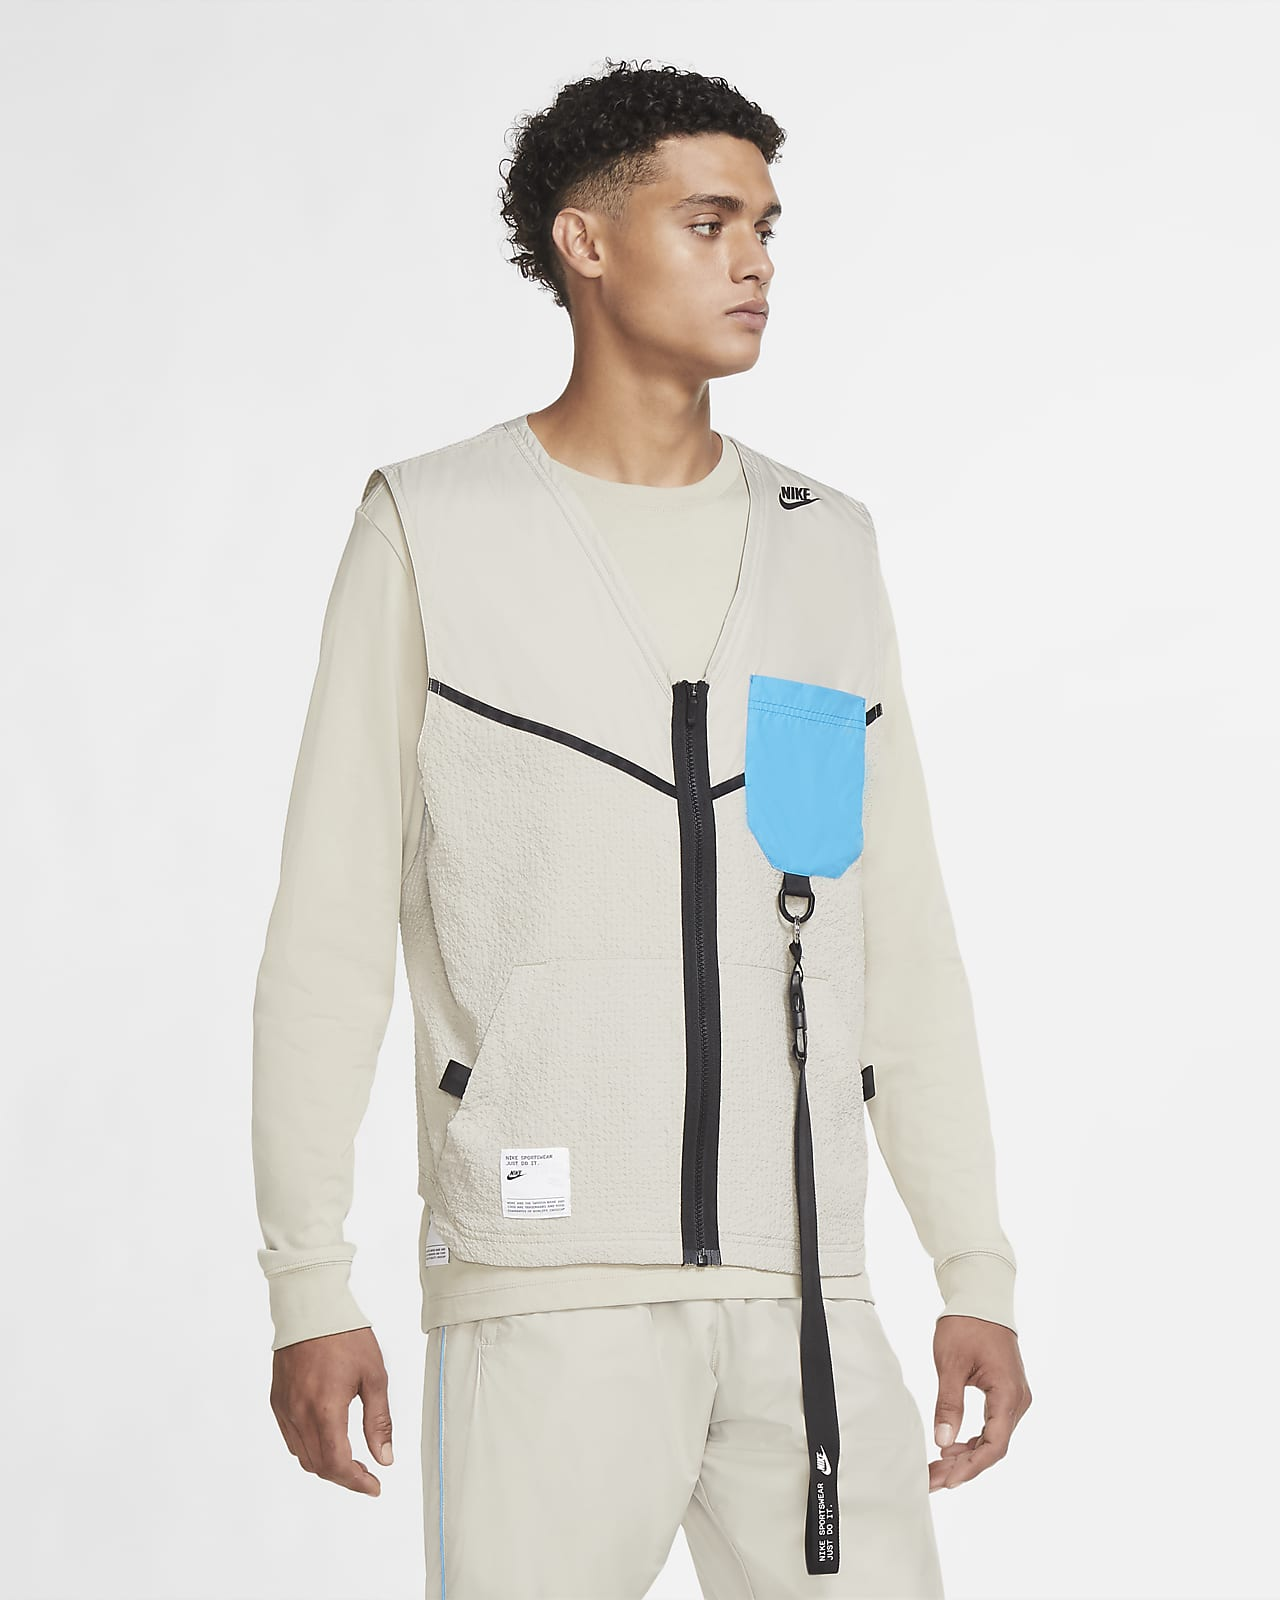 Vävd väst Nike Sportswear för män